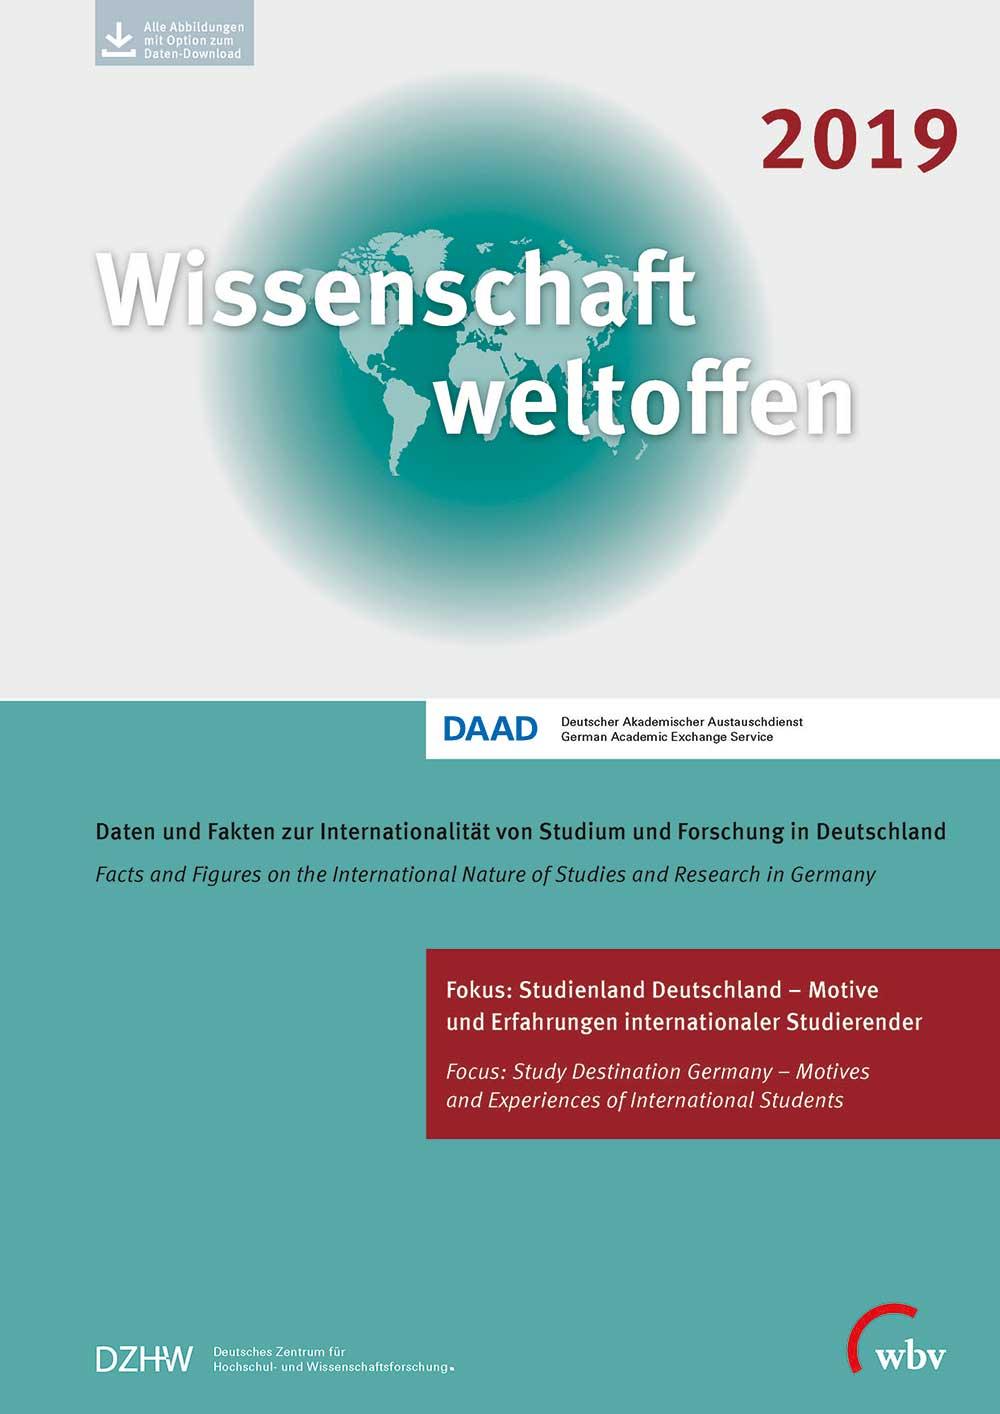 """Studienstandort Deutschland in MINT-Fächern erste Wahl: Studie """"Wissenschaft weltoffen 2019"""""""